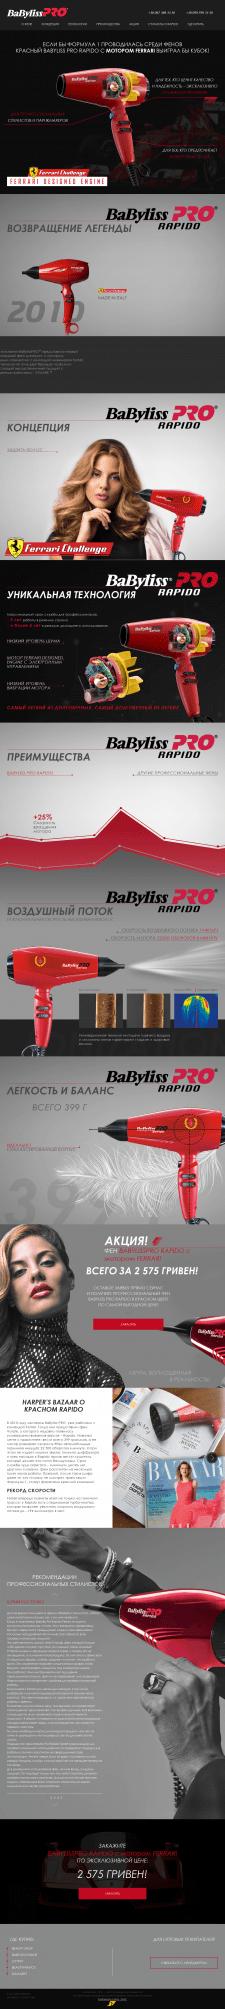 Одностраничный сайт Babyliss PRO